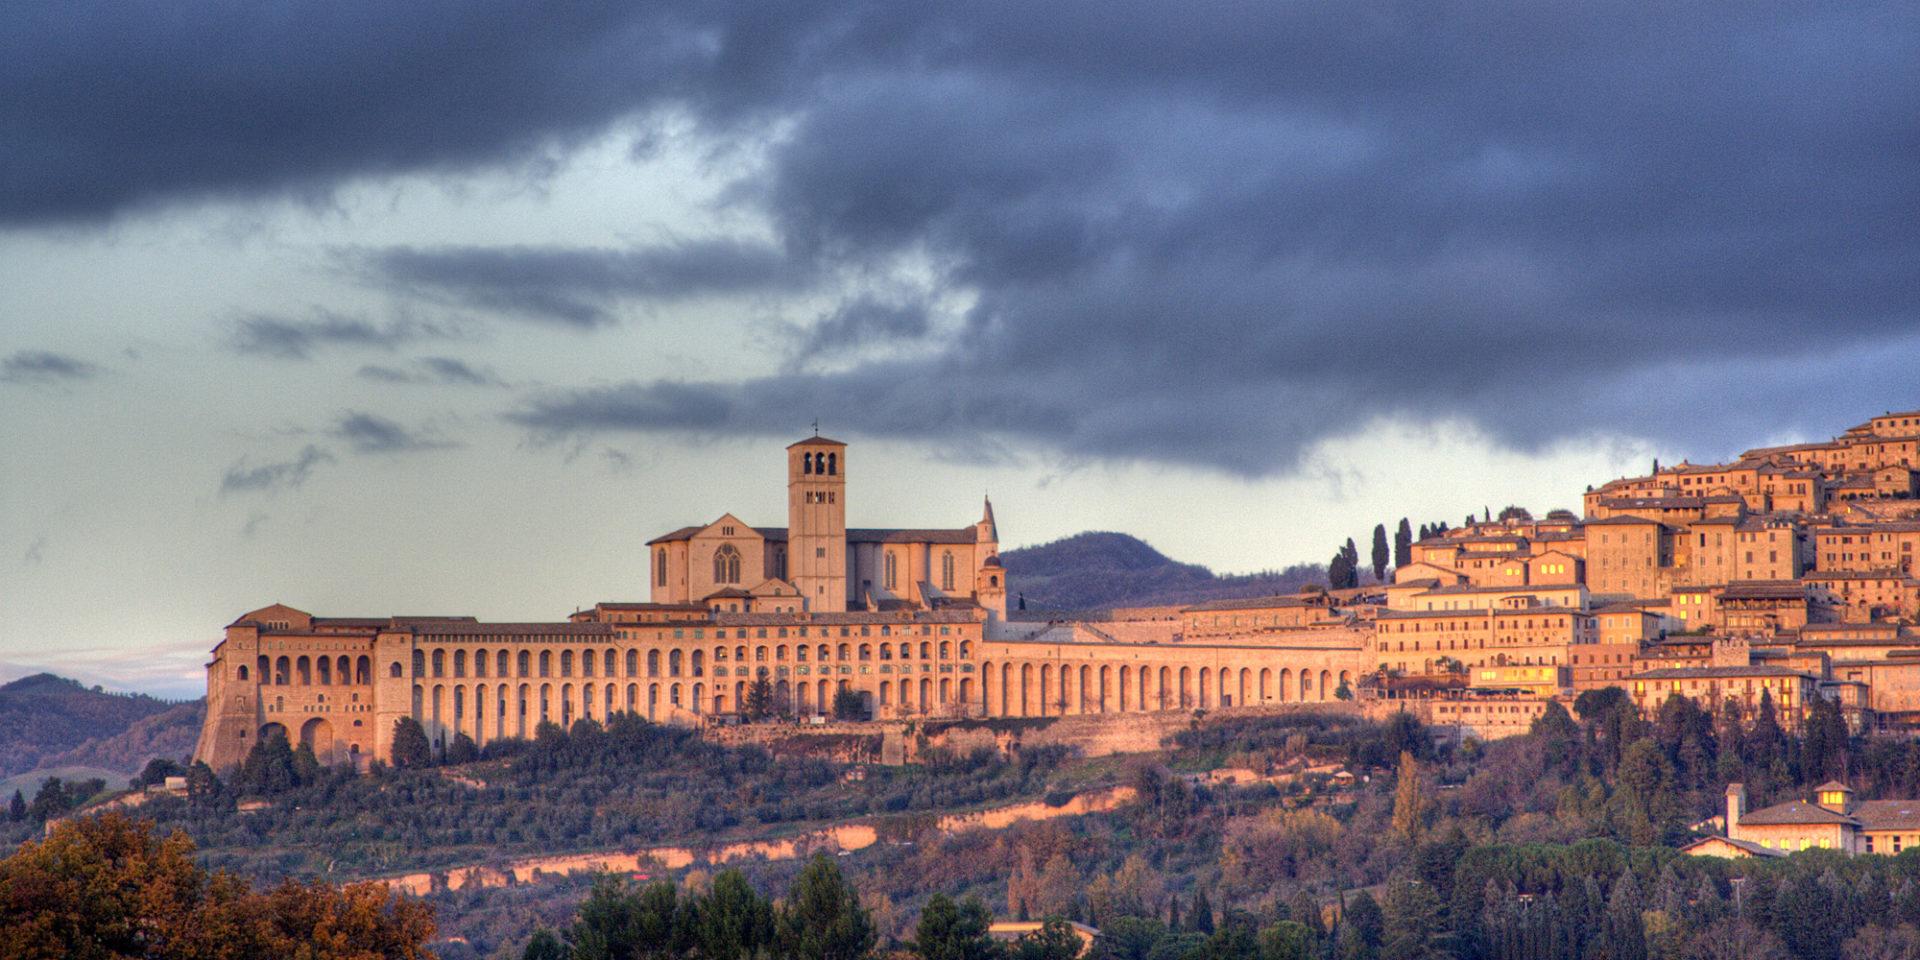 Turismo Assisi: arriva la tassa di soggiorno - Corriere dell\'Economia